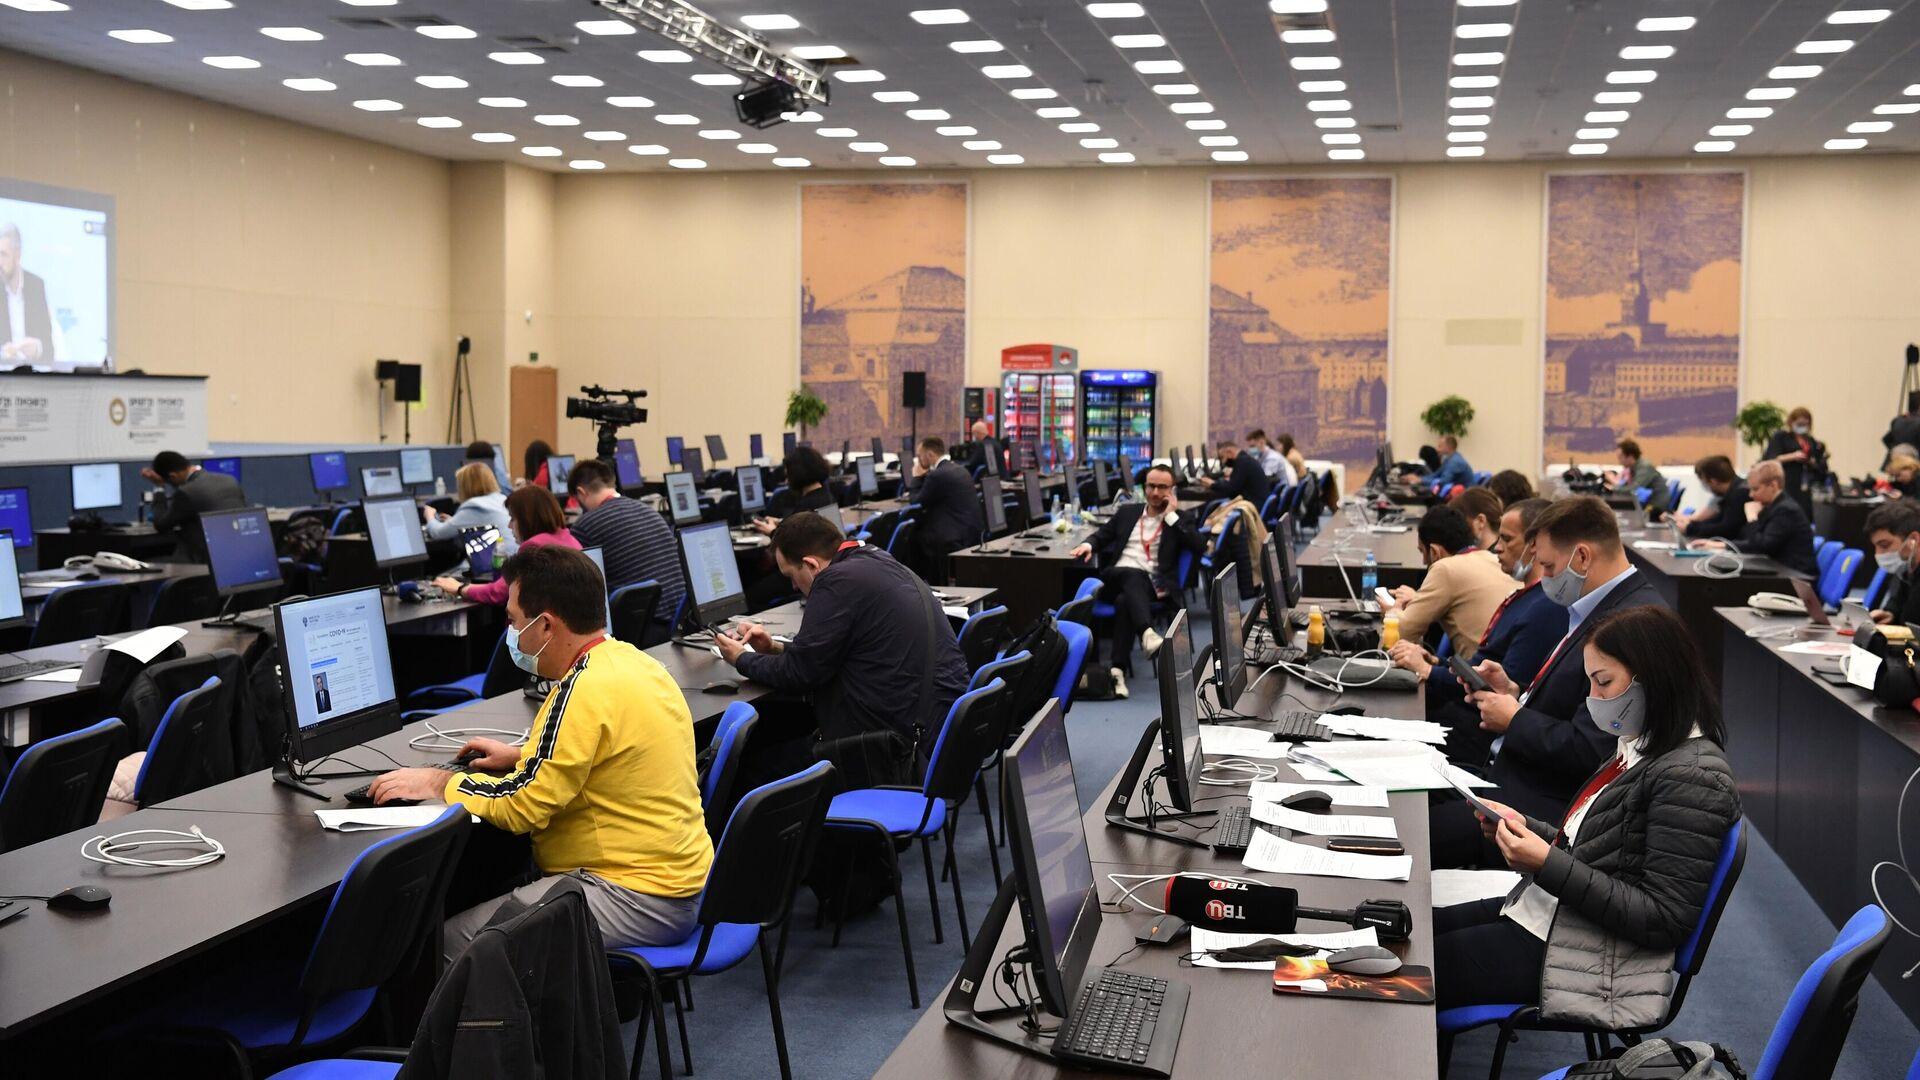 Главный пресс-центр Петербургского международного экономического форума - 2021 в конгрессно-выставочном центре Экспофорум - РИА Новости, 1920, 03.06.2021